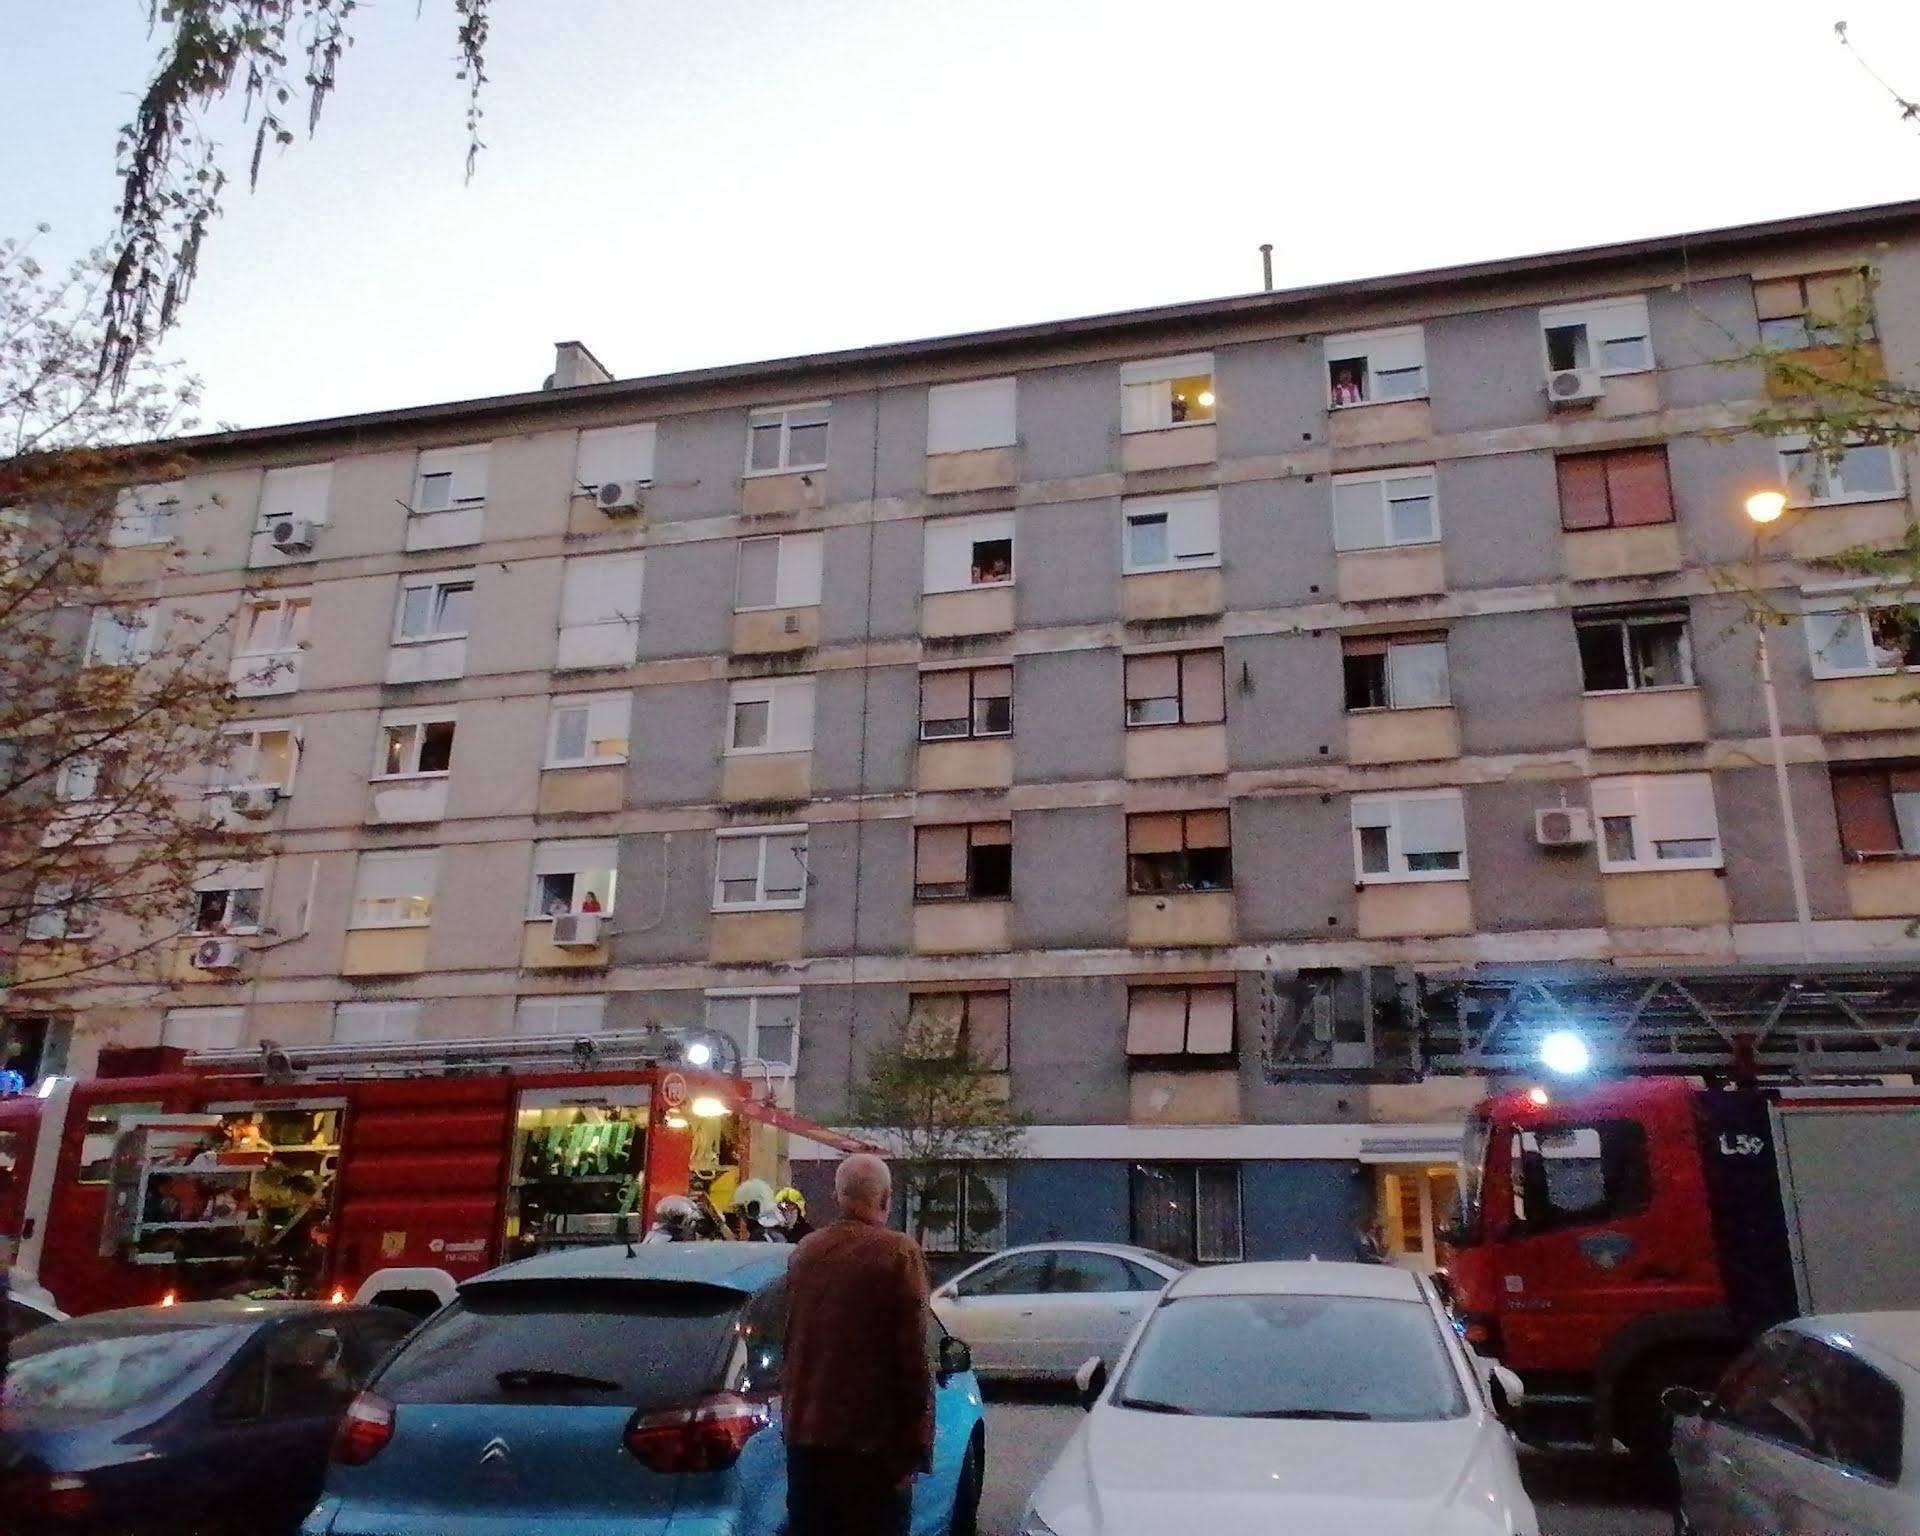 Gorio stan u Trnskom: 'Počelo se jako dimiti iz hodnika...'